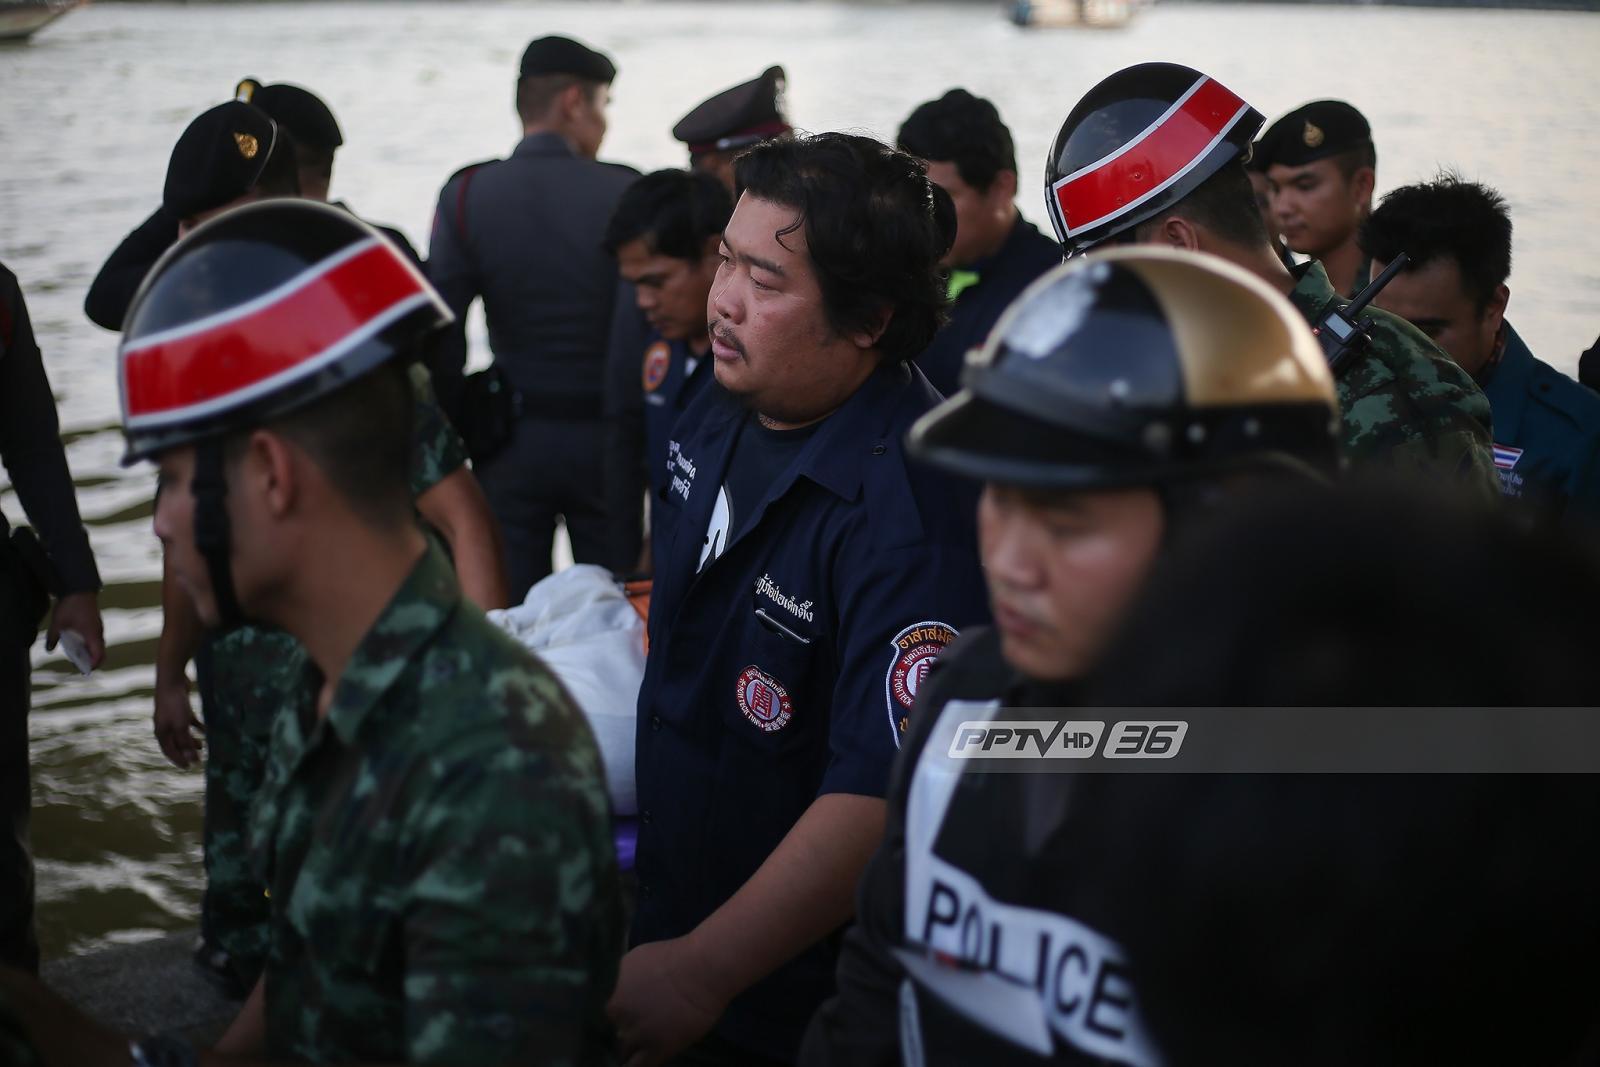 พบศพหญิงตกสะพานพระราม 8  ตำรวจเตรียมเรียกชายคนสนิทสอบปากคำ